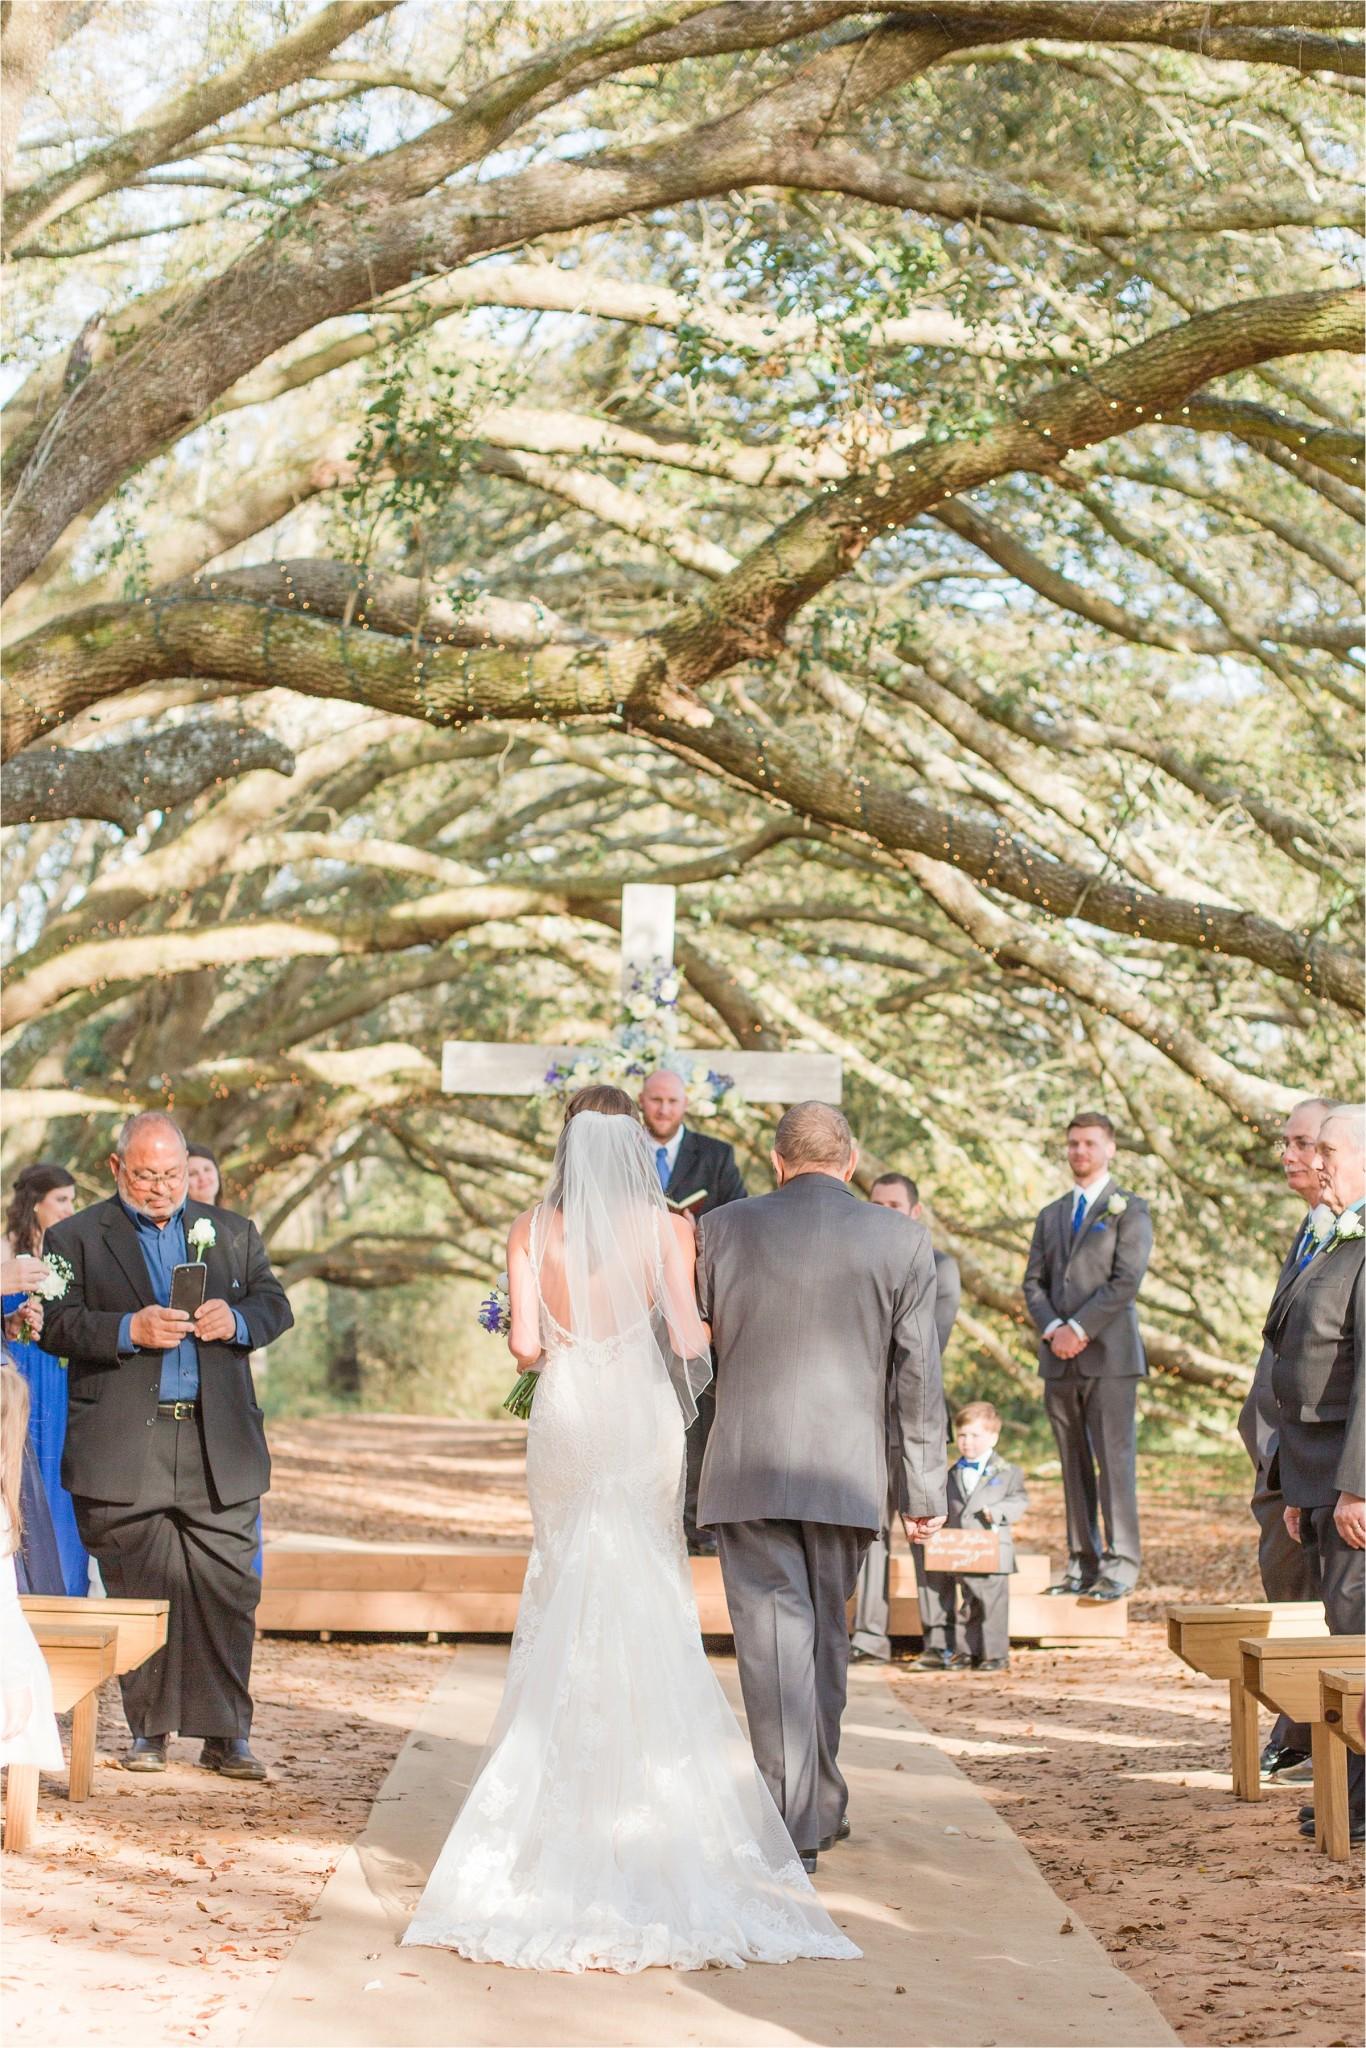 Lewis_Oak_Hollow_Wedding_Fairhope_AL_0141